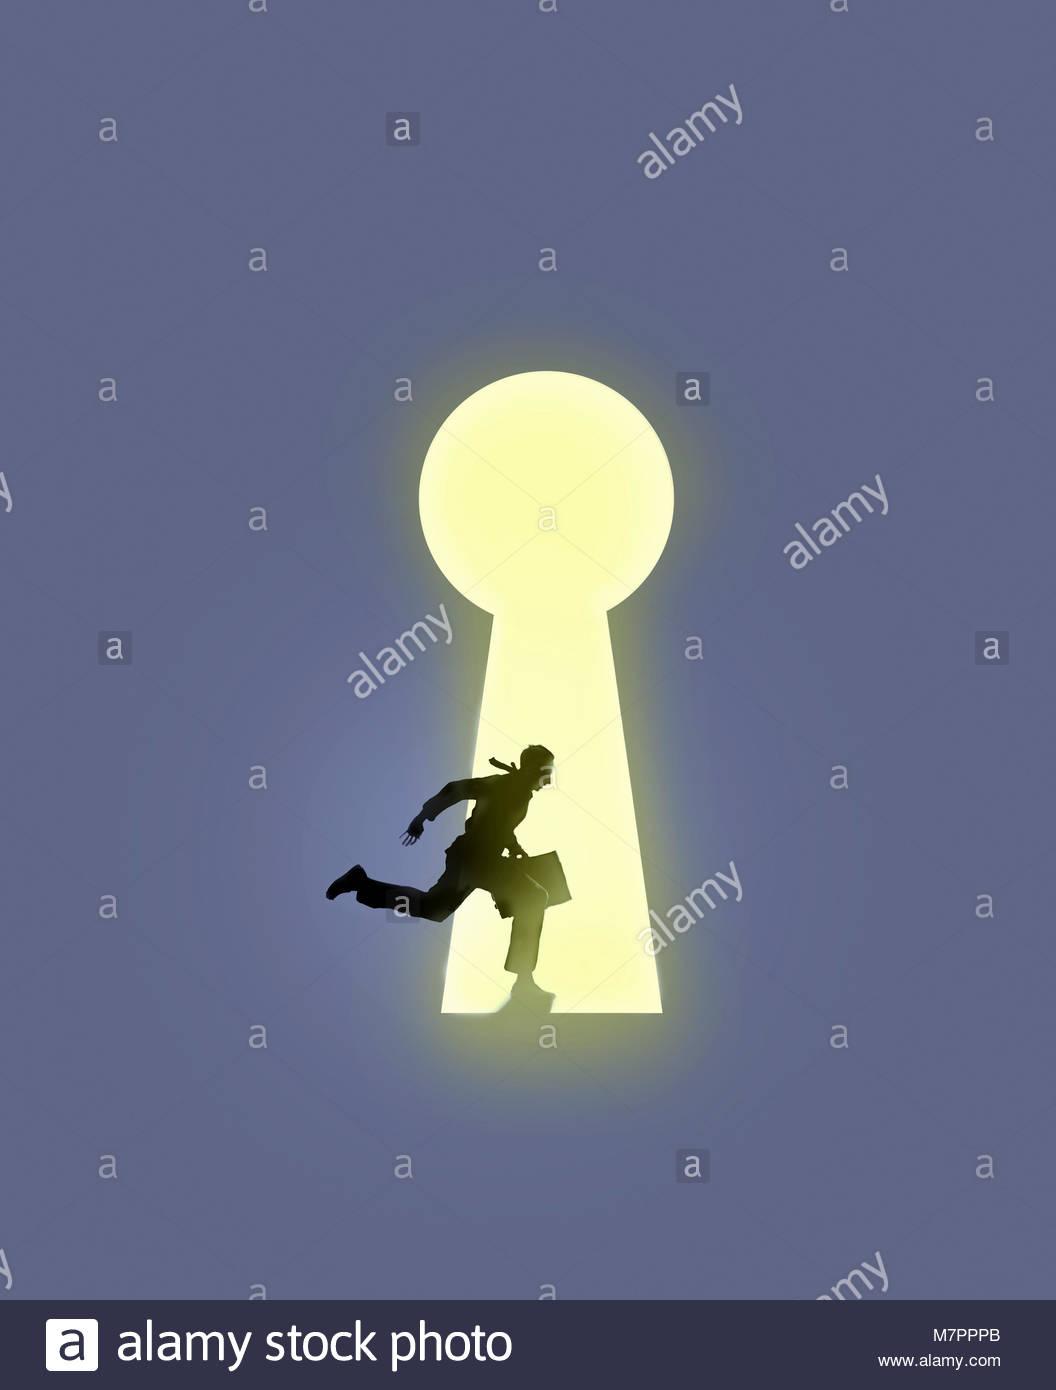 Businessman running into large illuminated keyhole - Stock Image